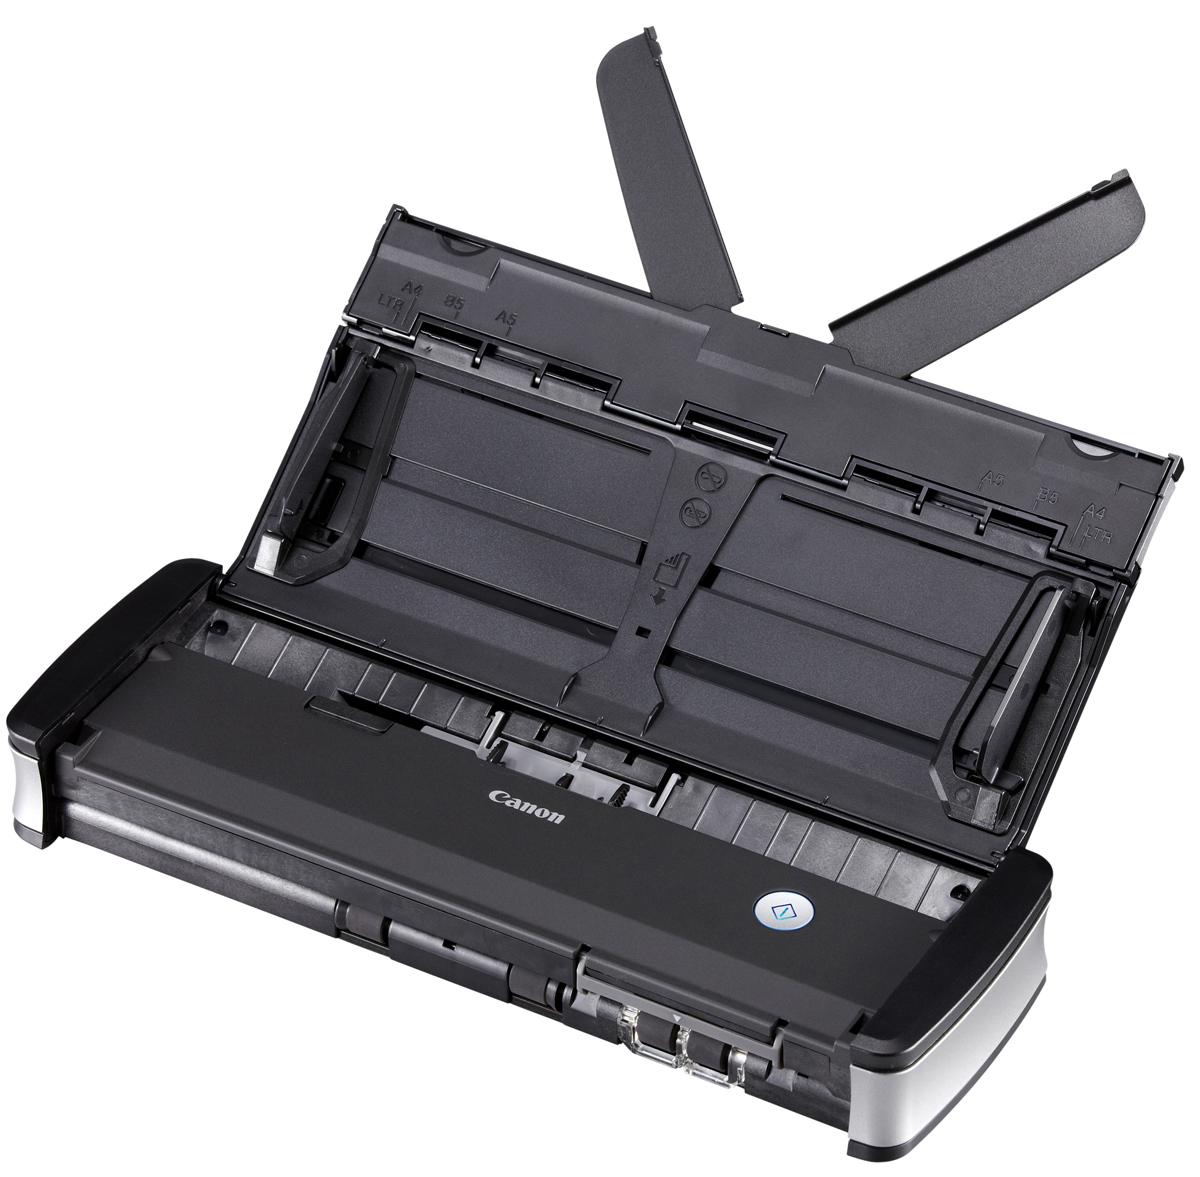 Сканер Canon P-215II (9705B003)